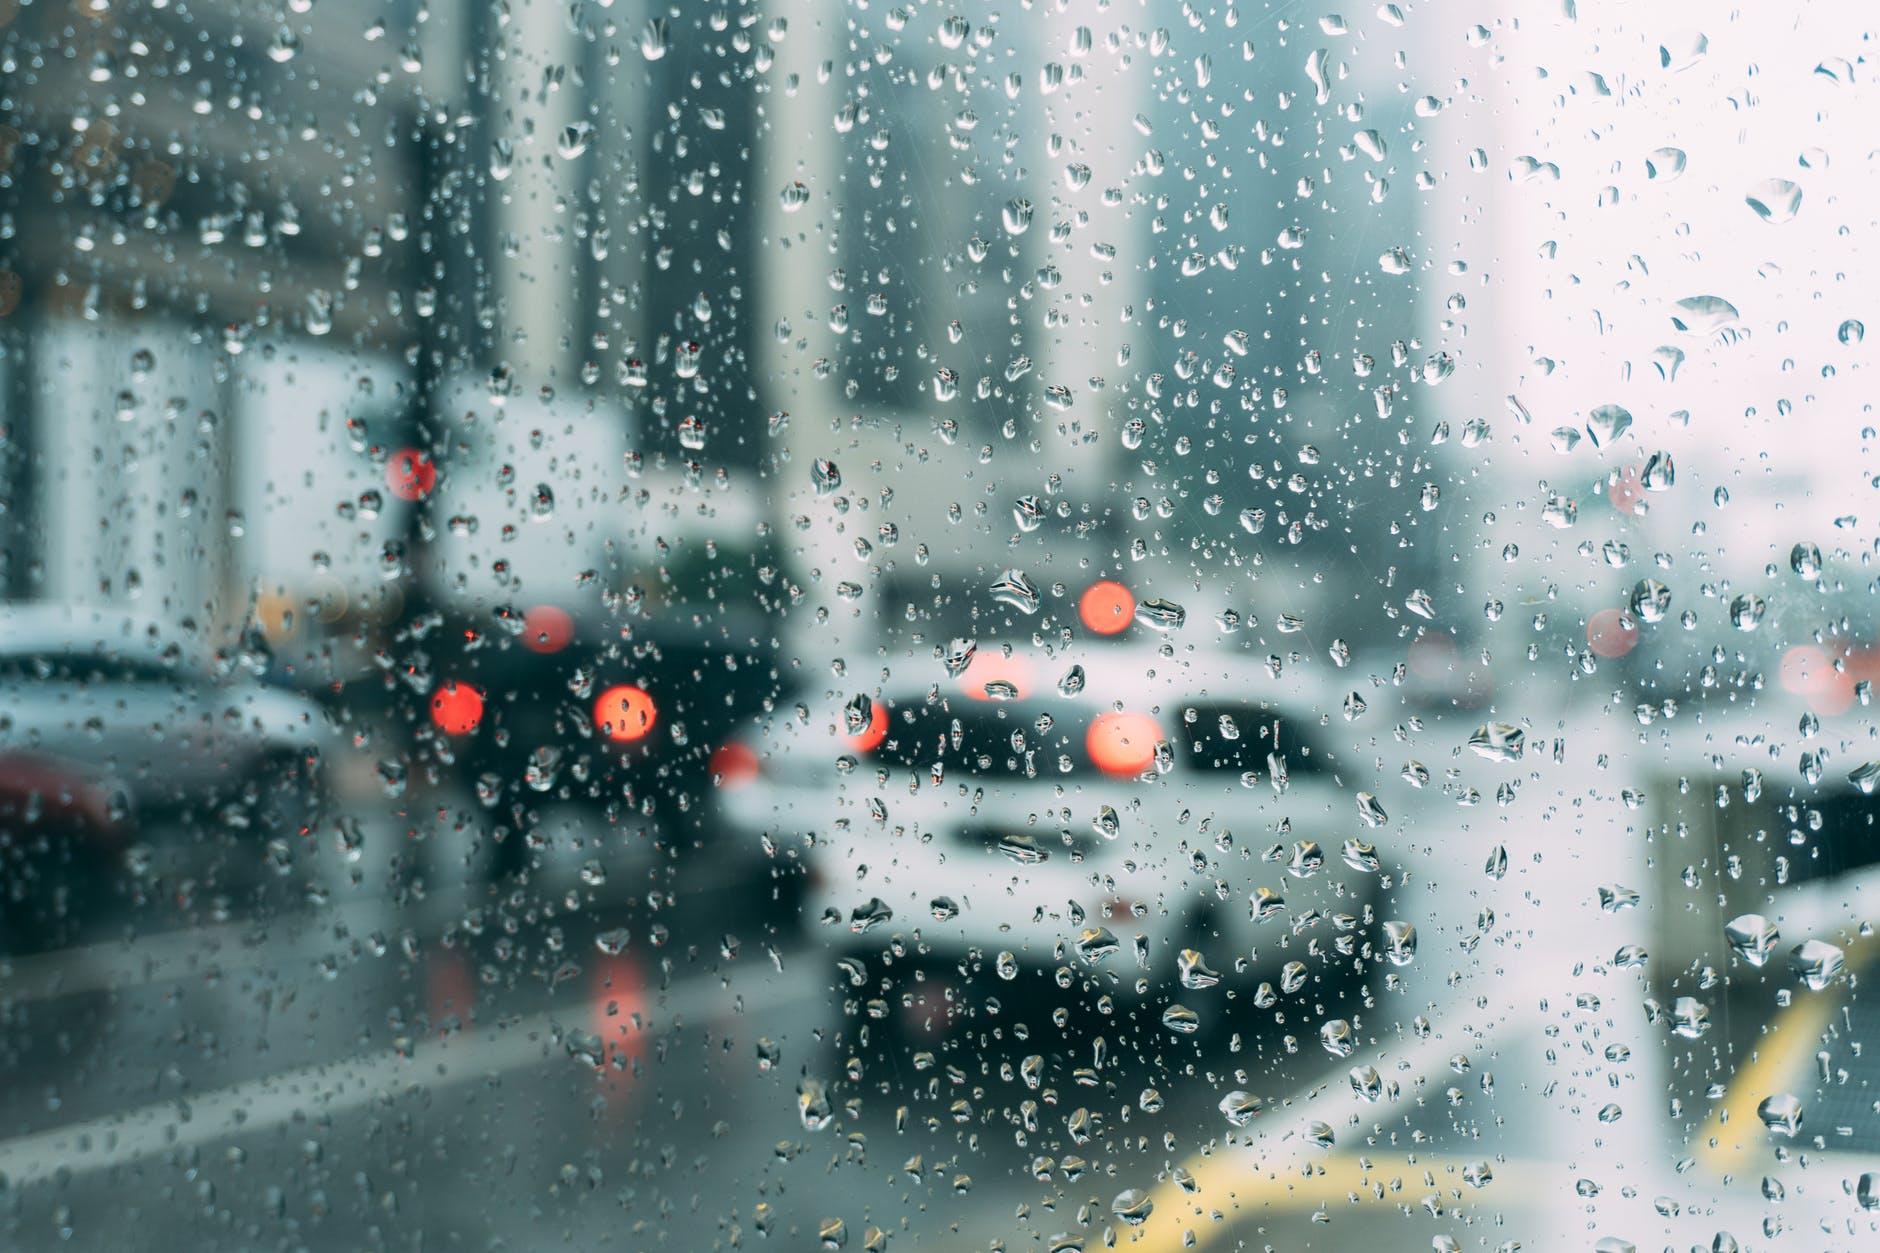 blur cars dew drops